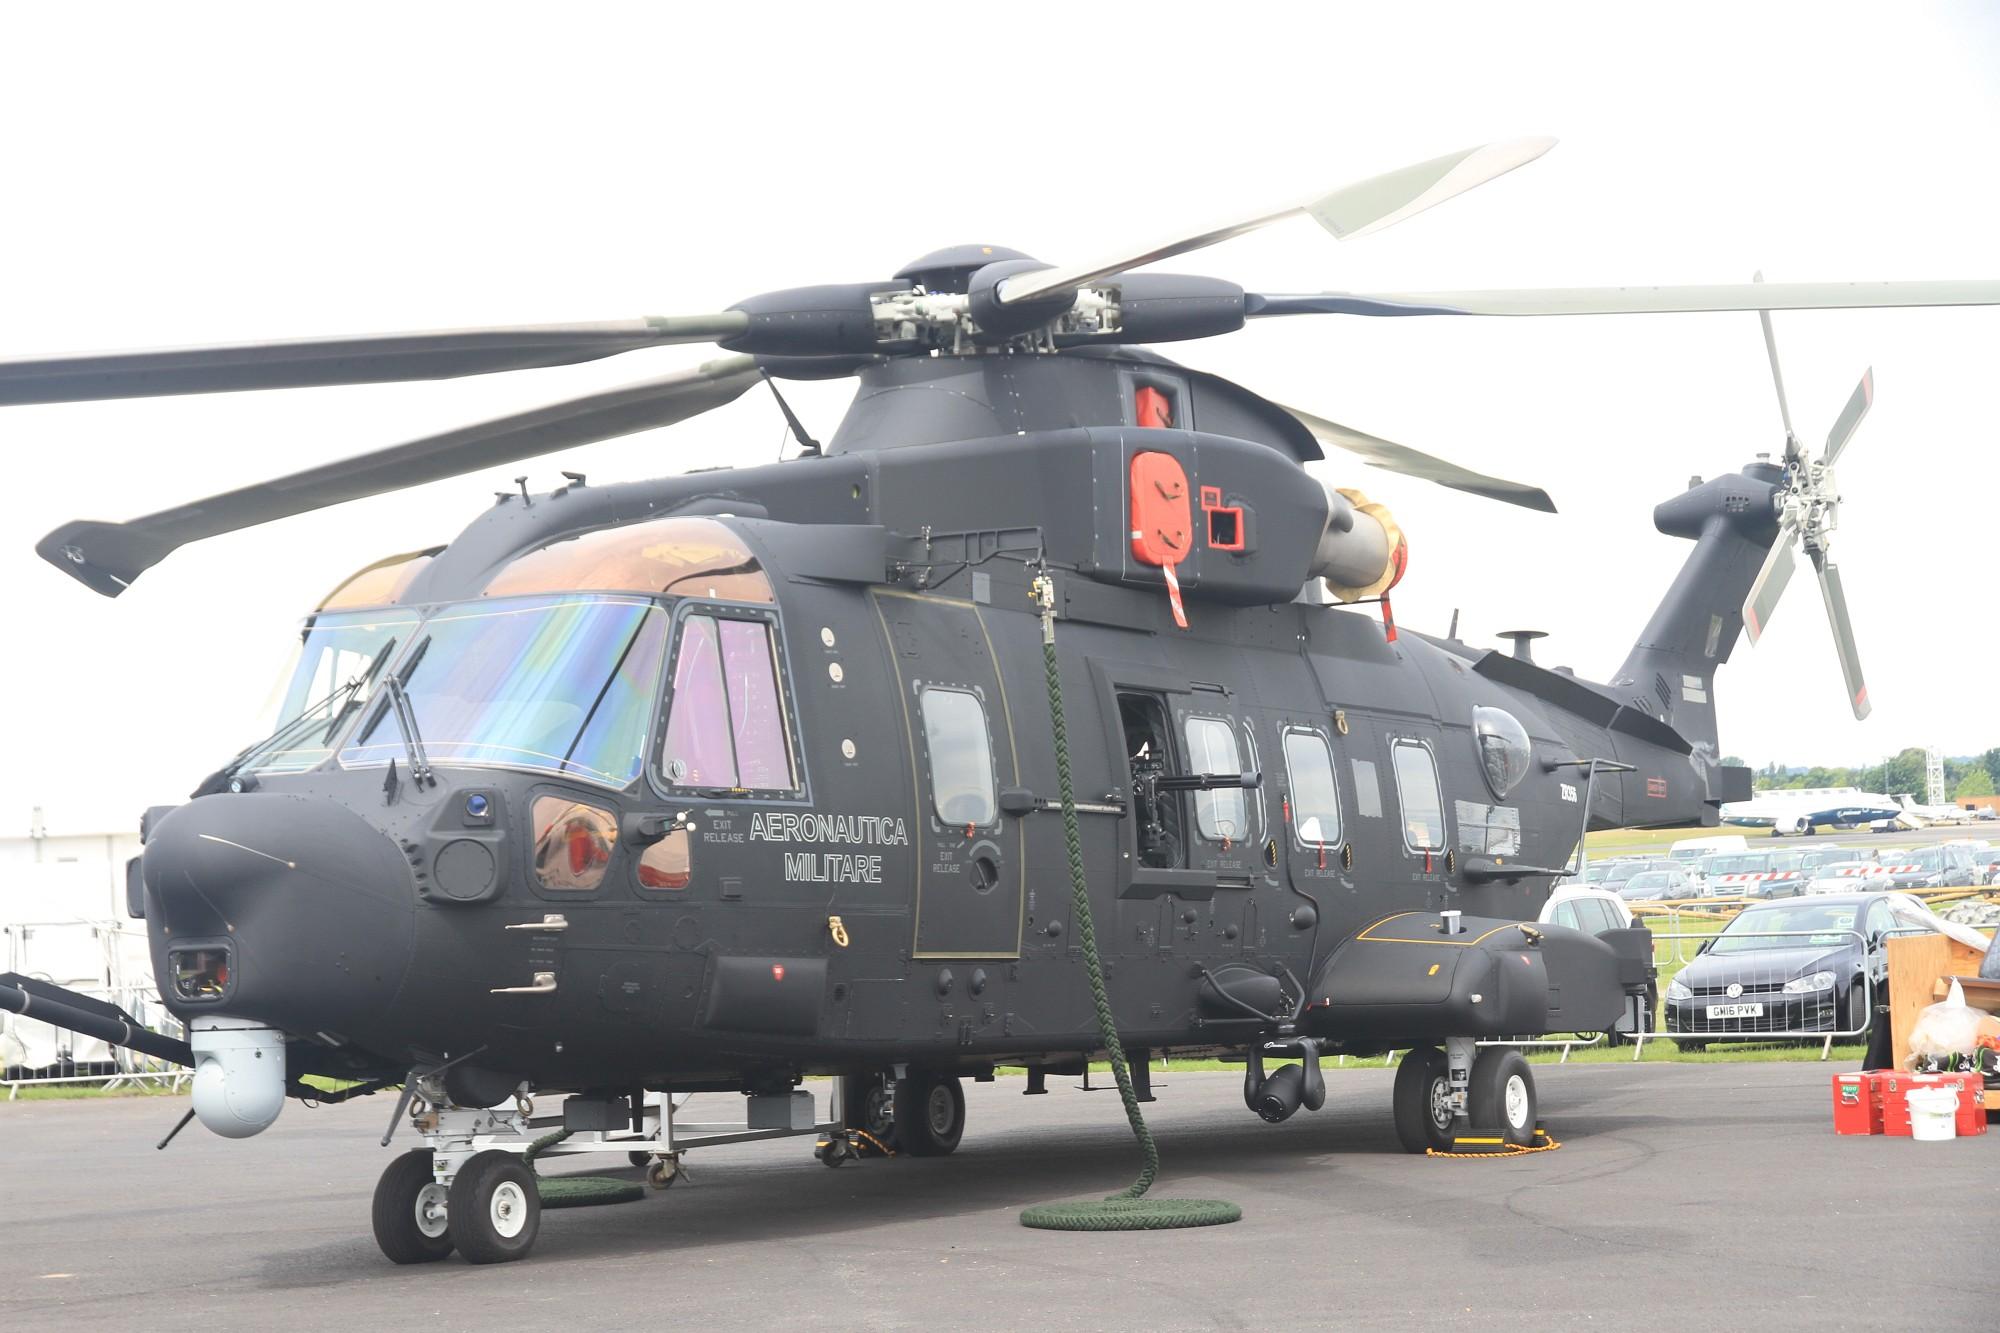 Новый боевой поисково-спасательный (CSAR) вертолет Leonardo-Finmeccanica Helicopter (ранее AgustaWestland) HH-101A Caesar (вариант транспортного вертолета AW101) ВВС Италии, с богатым оборудованием и внушительным вооружением. Фарнборо, 09.07.2016.